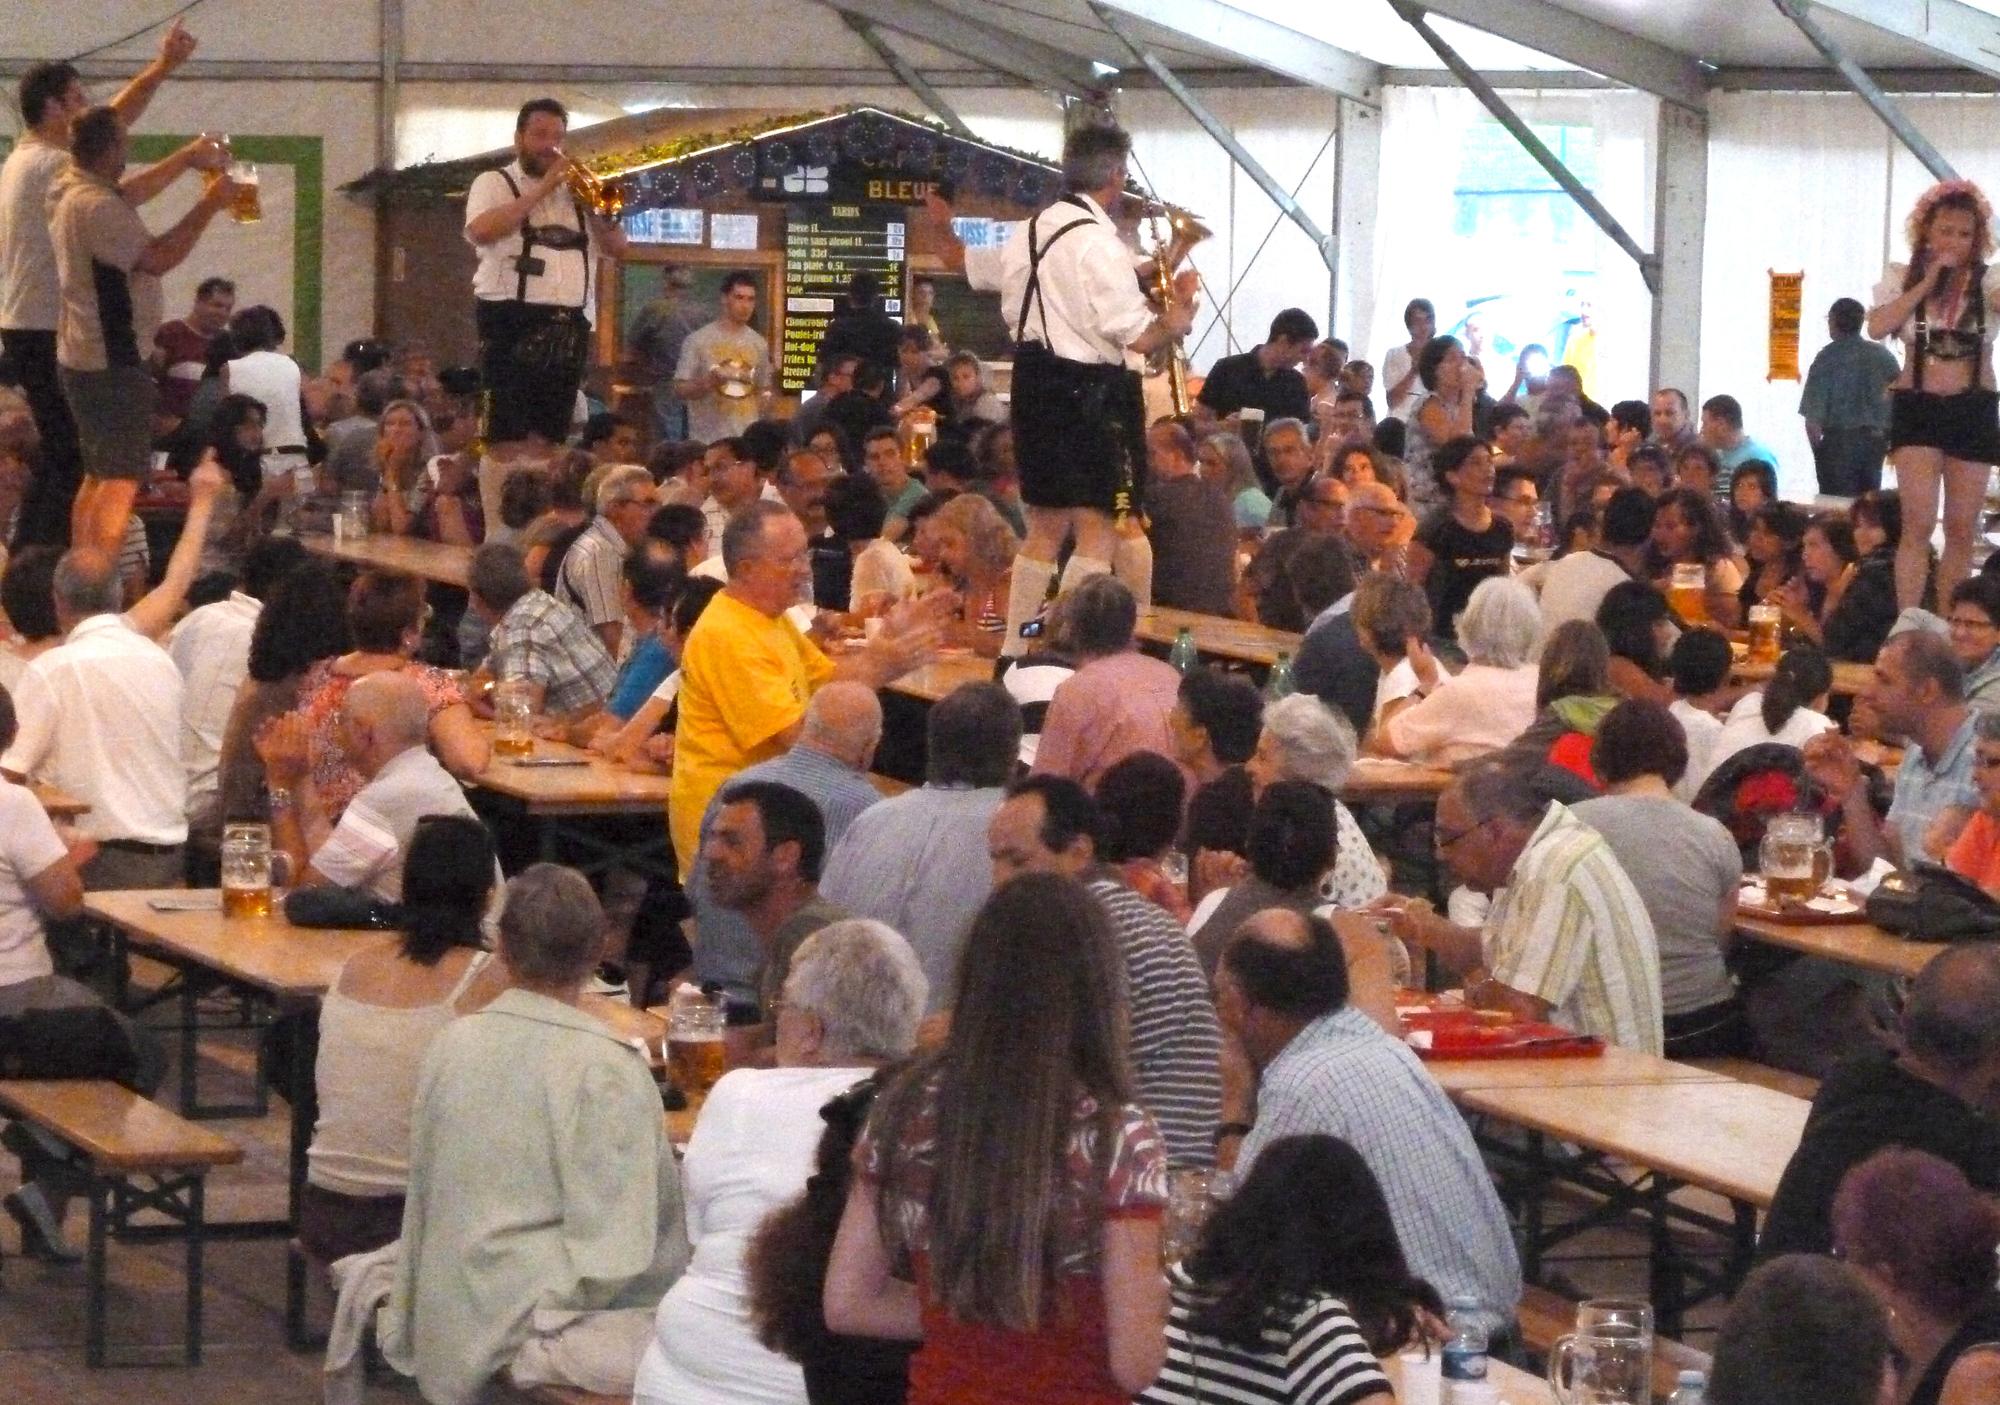 2b Ambérieu 01 Fête de la Bière orchestre bavarois sur les tables